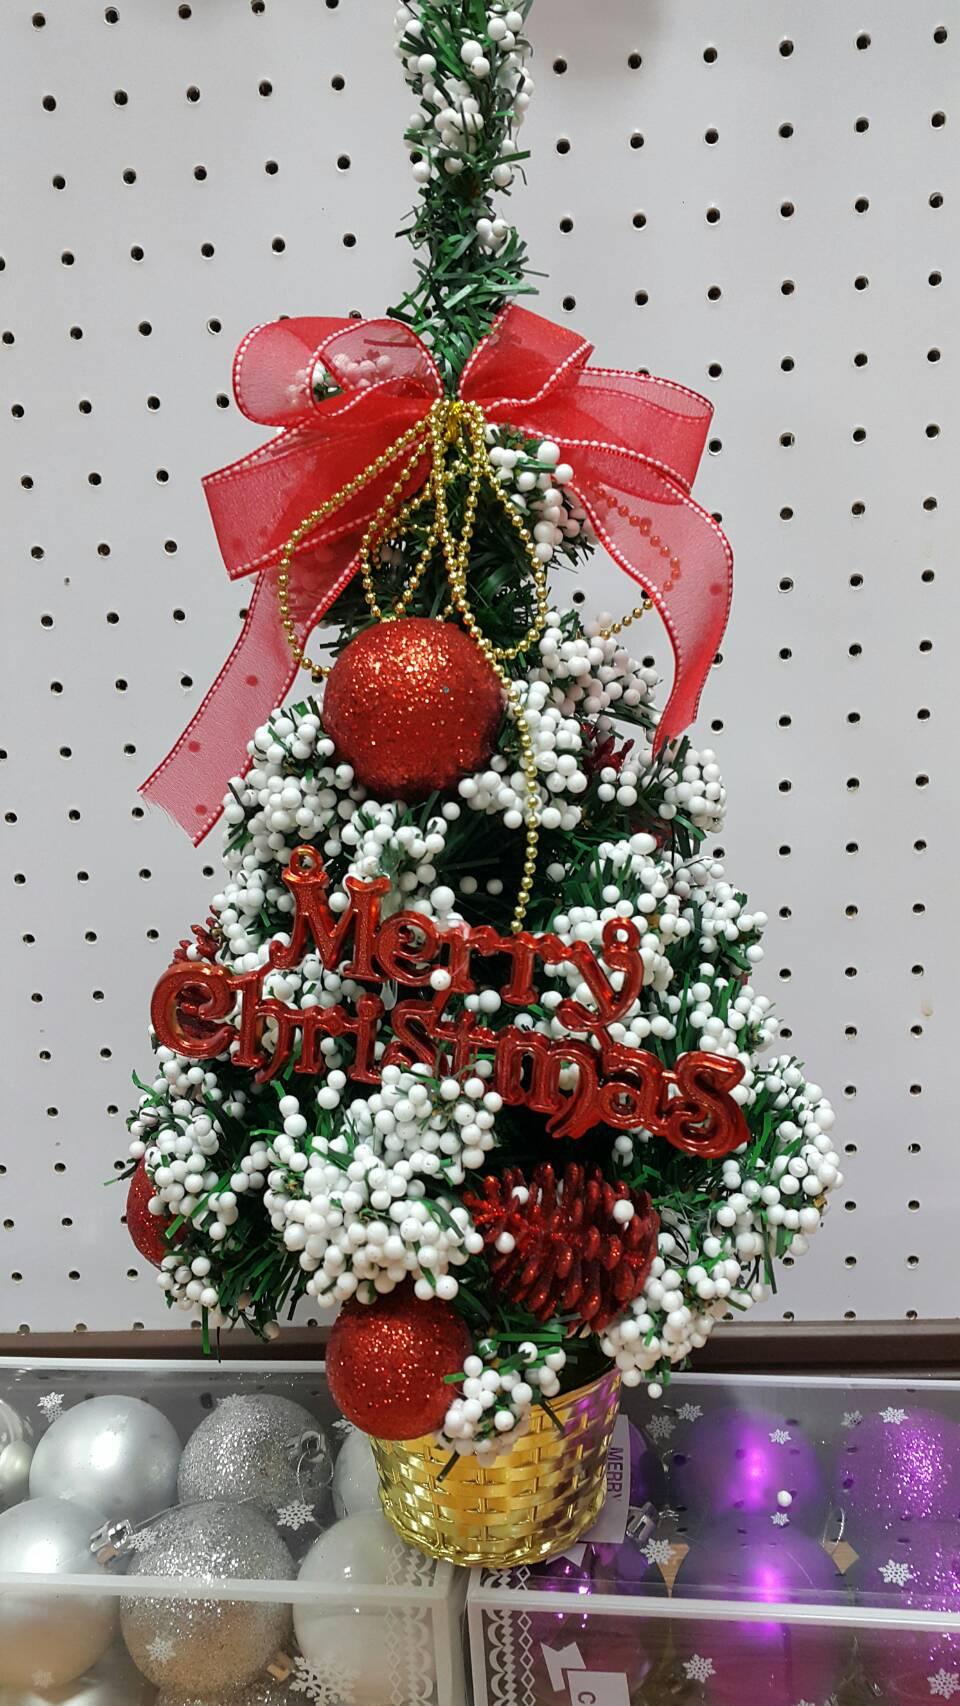 X射線【X392429】35cm雪花裝飾樹(紅),聖誕樹/聖誕佈置/聖誕燈/會場佈置/材料包/成品樹/小樹